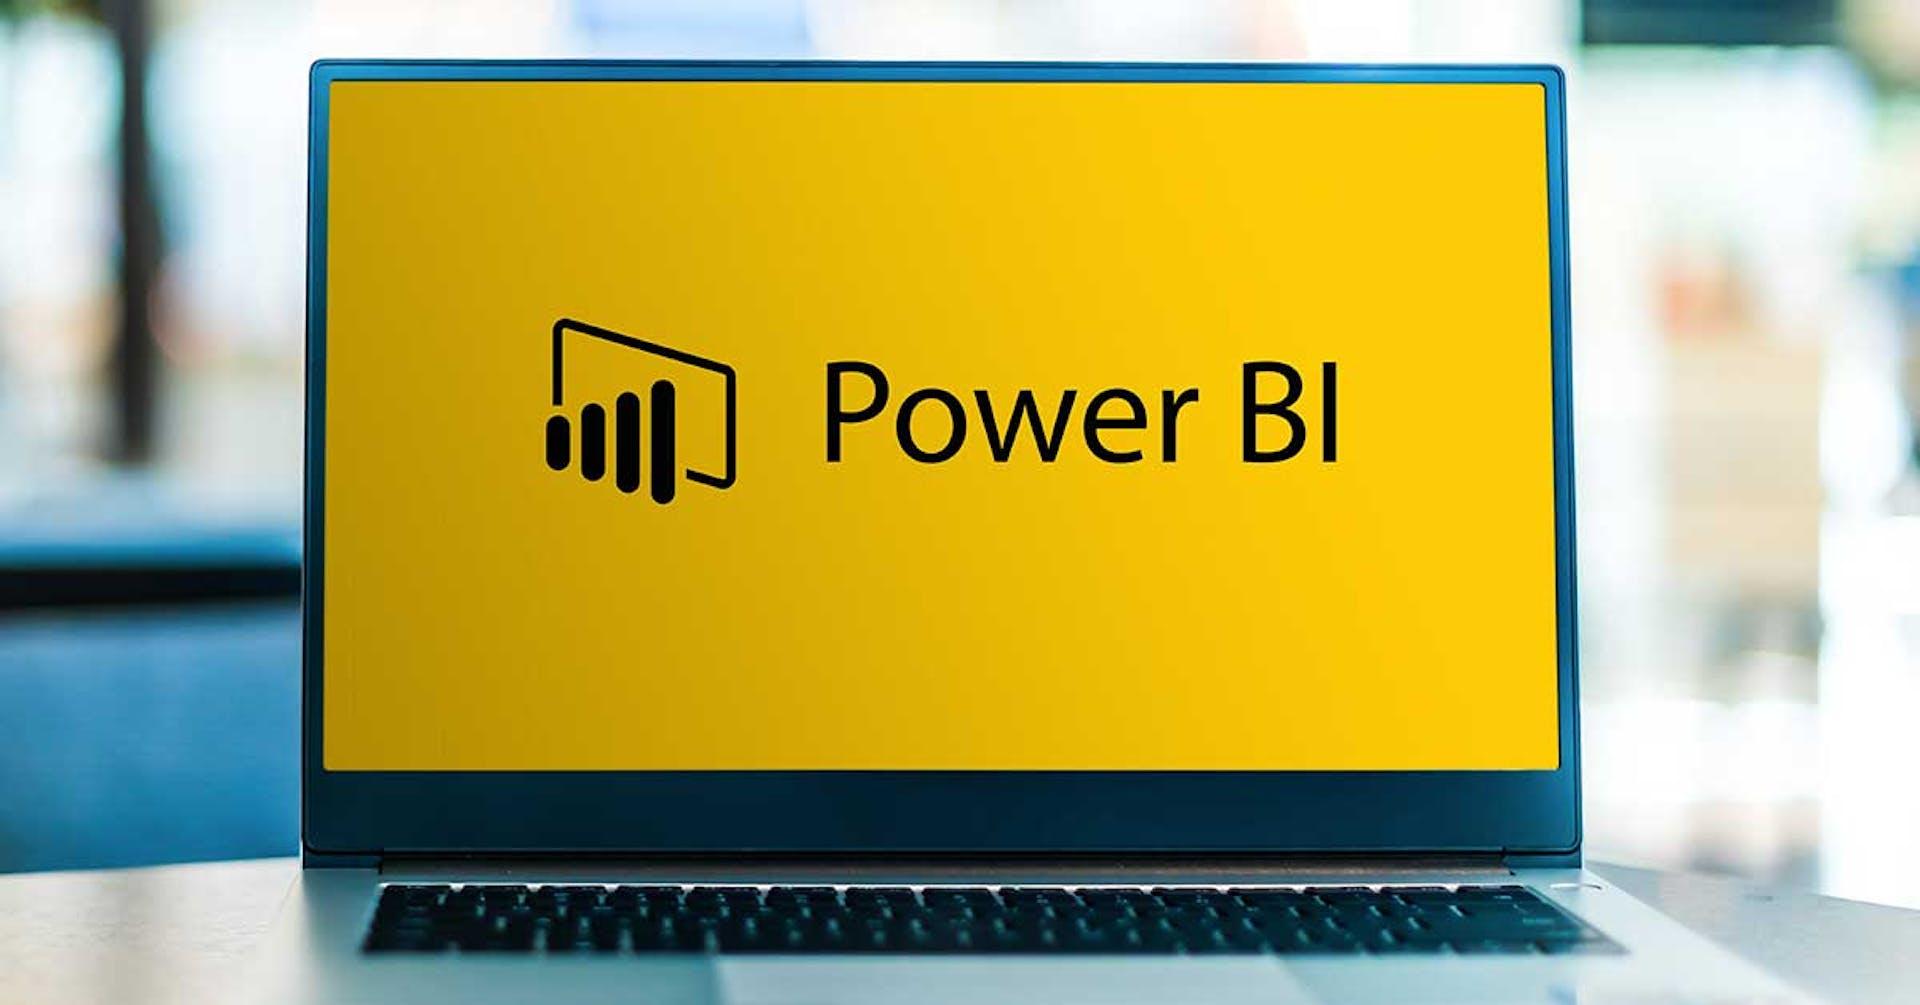 ¿Qué es Power BI? ¡Usa esta herramienta para analizar datos!